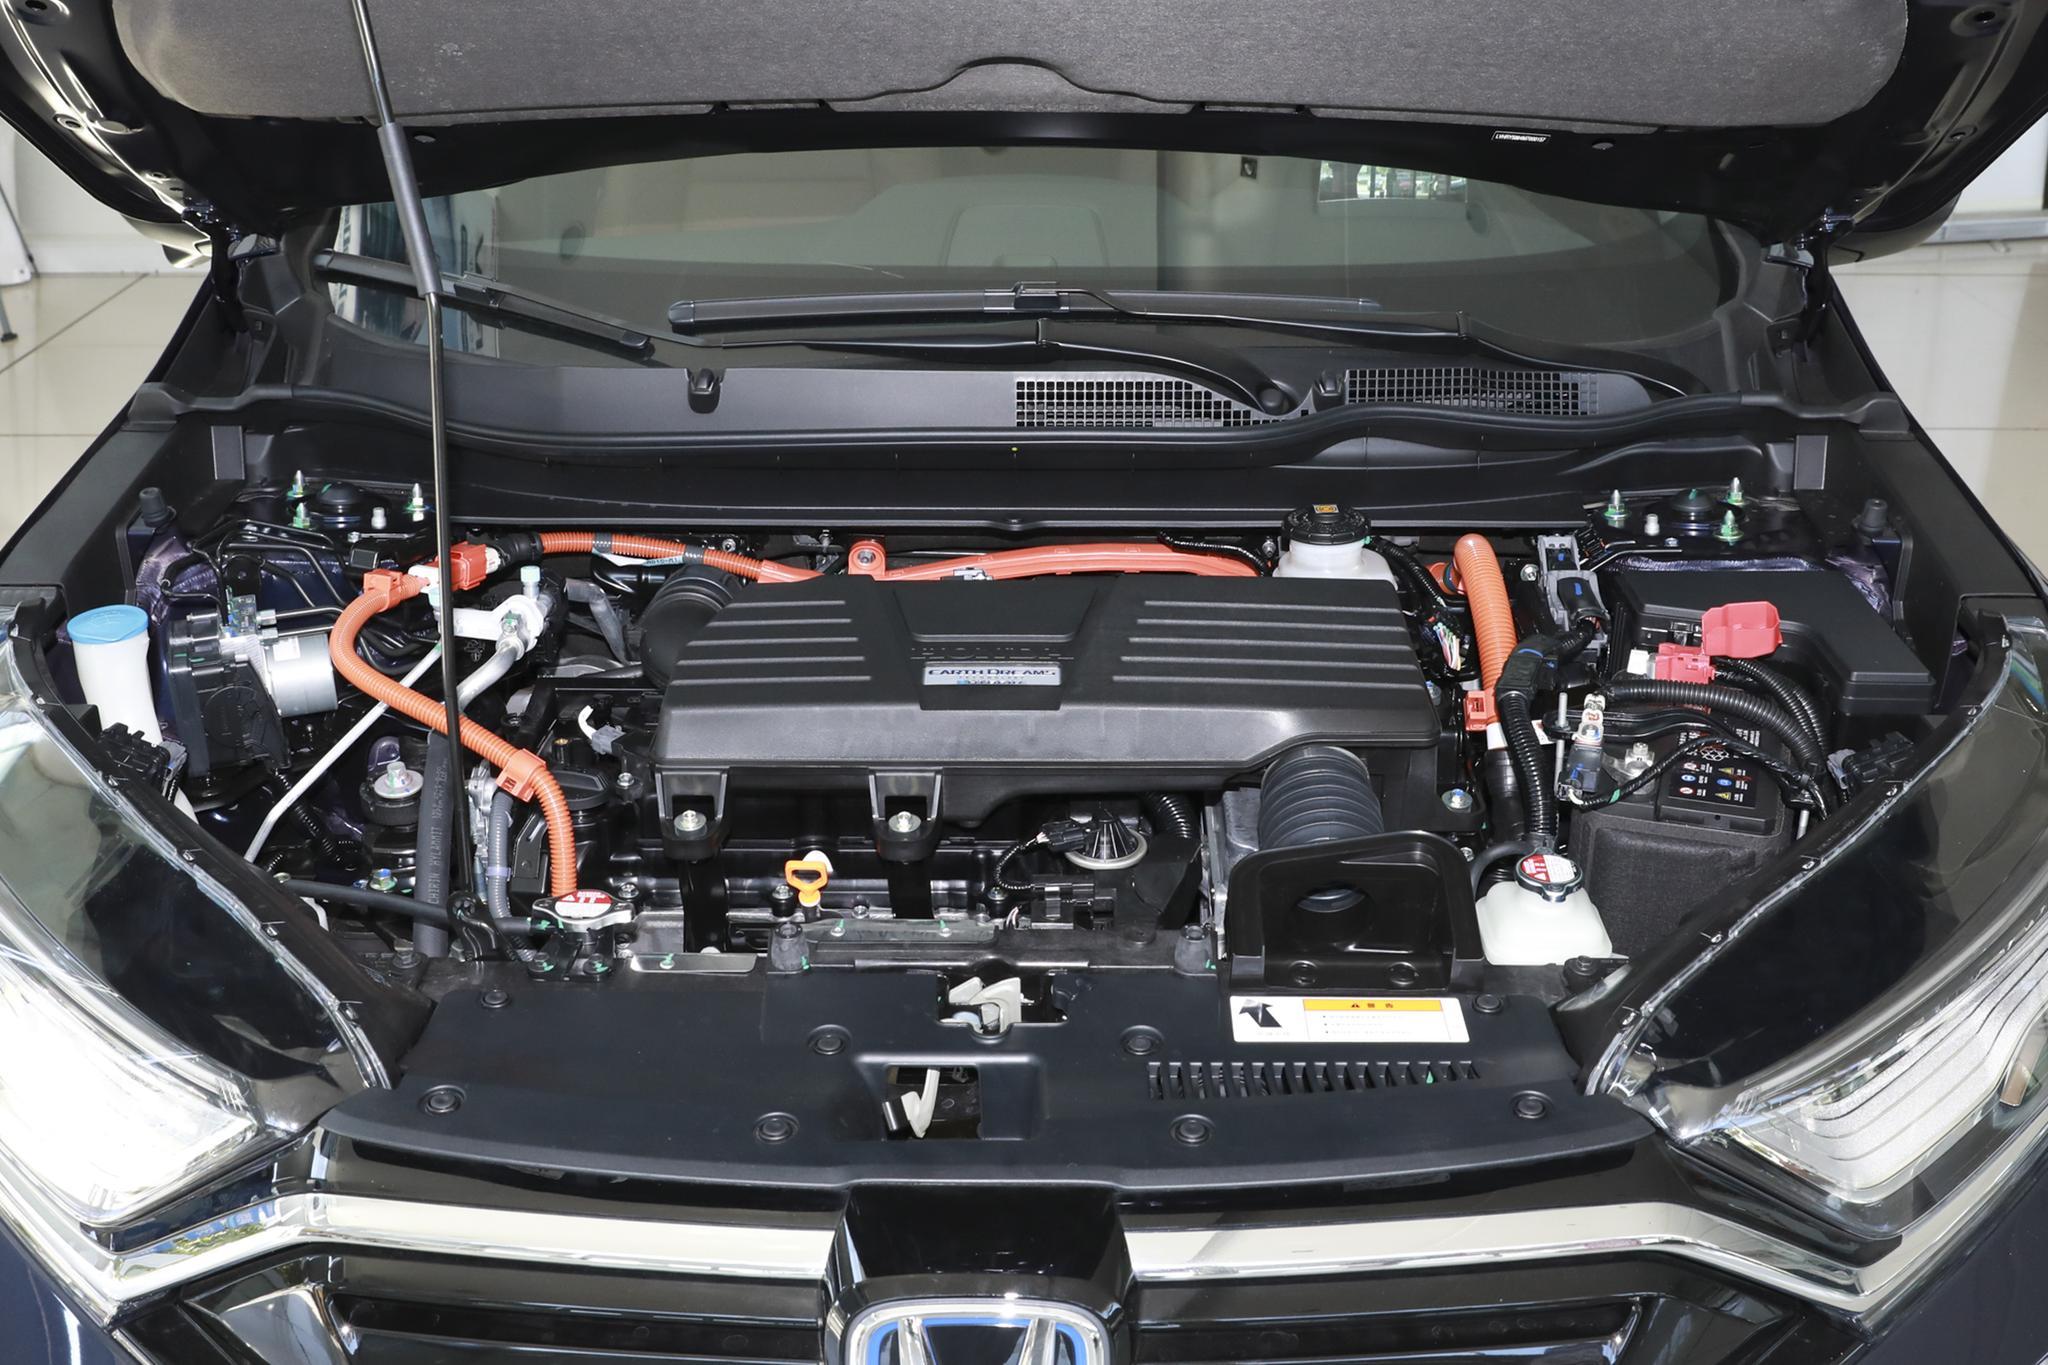 本田CRV混動/燃油怎麼選?有錢也別嘚瑟,買對瞭才聰明-圖5